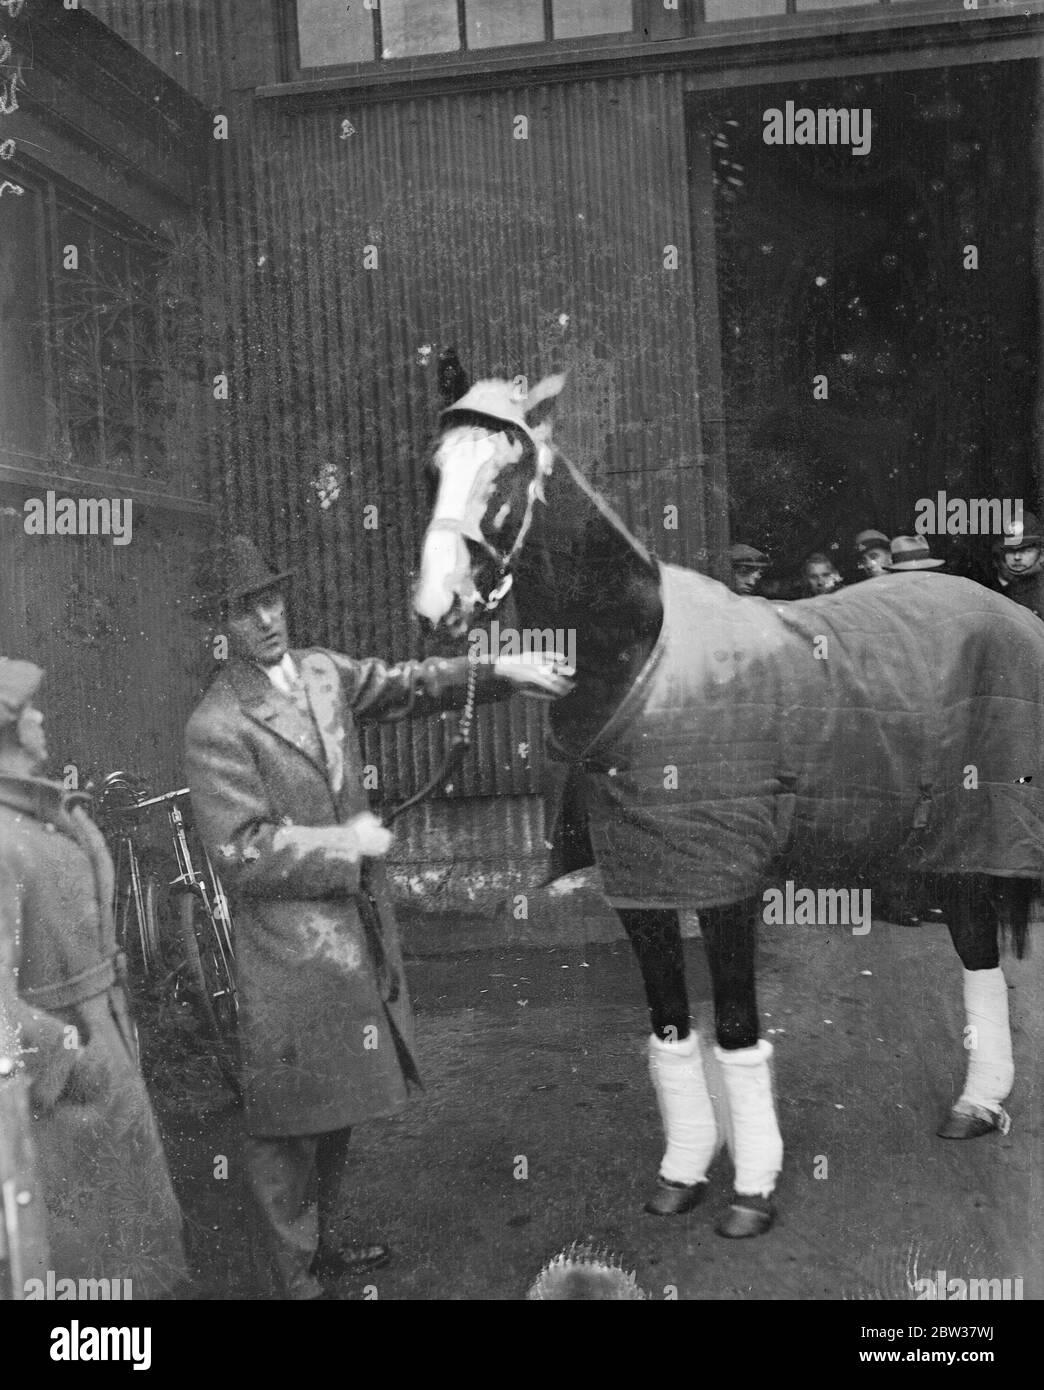 Llega el contendiente americano para la Copa de Oro Ascot, traído por el Sr. A C Bostwick . El Sr. A C Bostwick , el mayor de los hermanos Bostwick , que ha montado en Gran Bretaña con éxito bajo las reglas nacionales de caza llegó a Southampton a bordo del Berengaria . Él trajo consigo su caballo de la Copa de Oro de Ascot, Mate . Mate ha ganado muchas de las razas importantes en América y es considerado uno de los mejores caballos enviados a Gran Bretaña desde los Estados durante la última década. Muestra de fotos ; Mr A C Bostwick con Mate a la llegada a Southampton . 22 de diciembre de 1933 Foto de stock